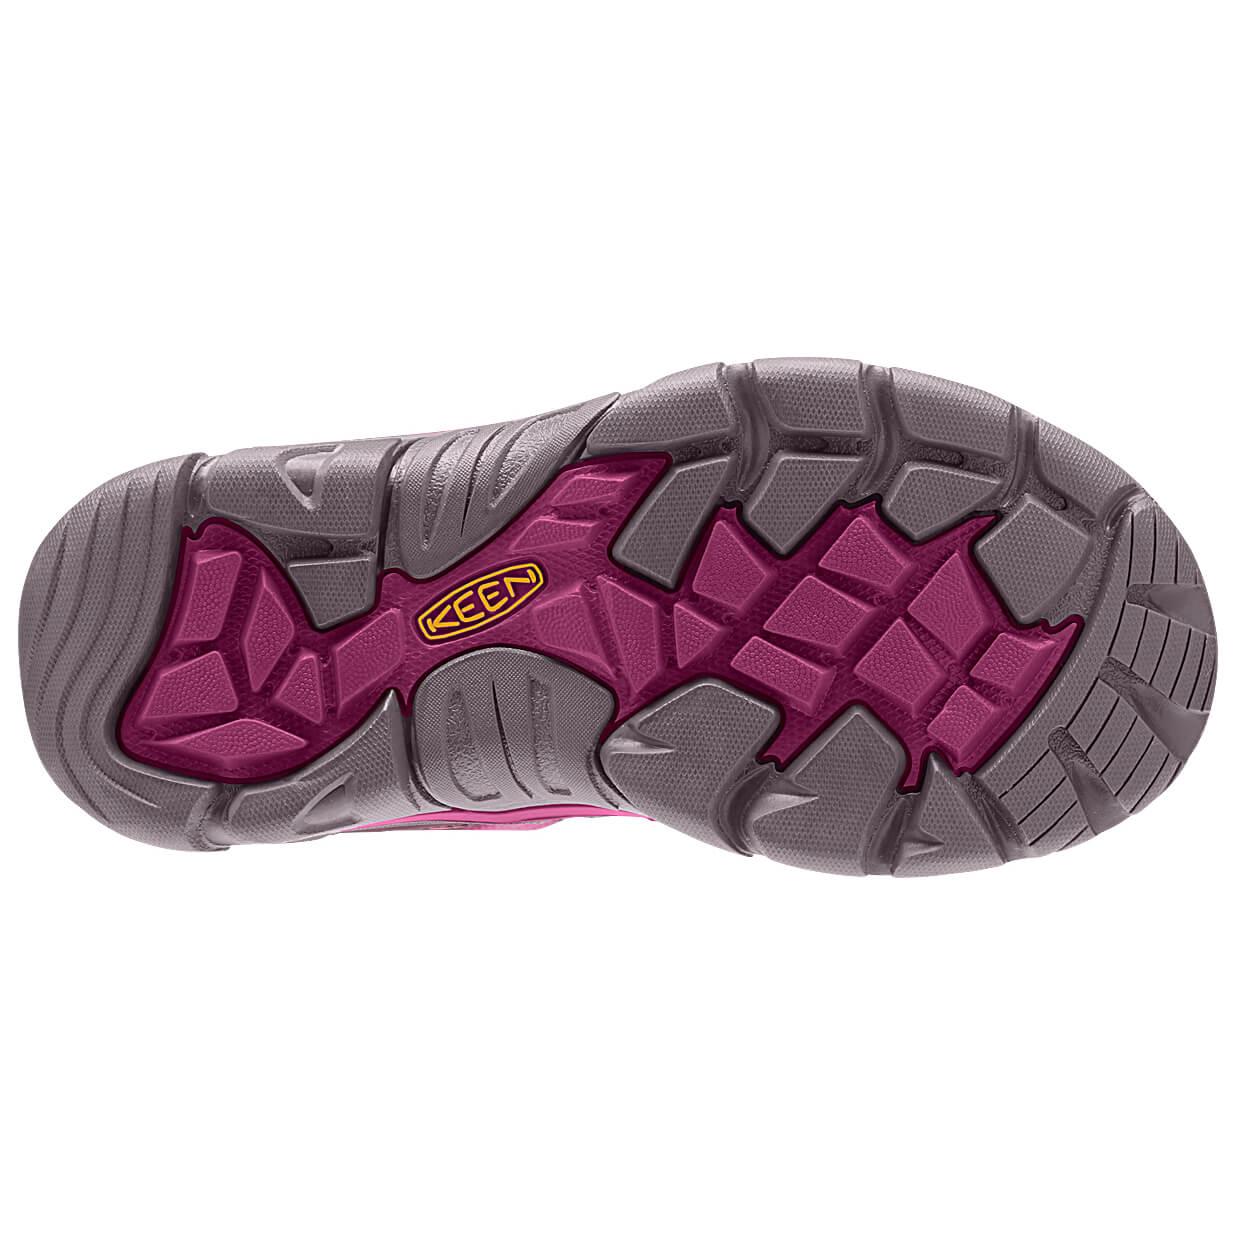 Keen Winterport Ii Wp Winter Boots Kids Buy Online